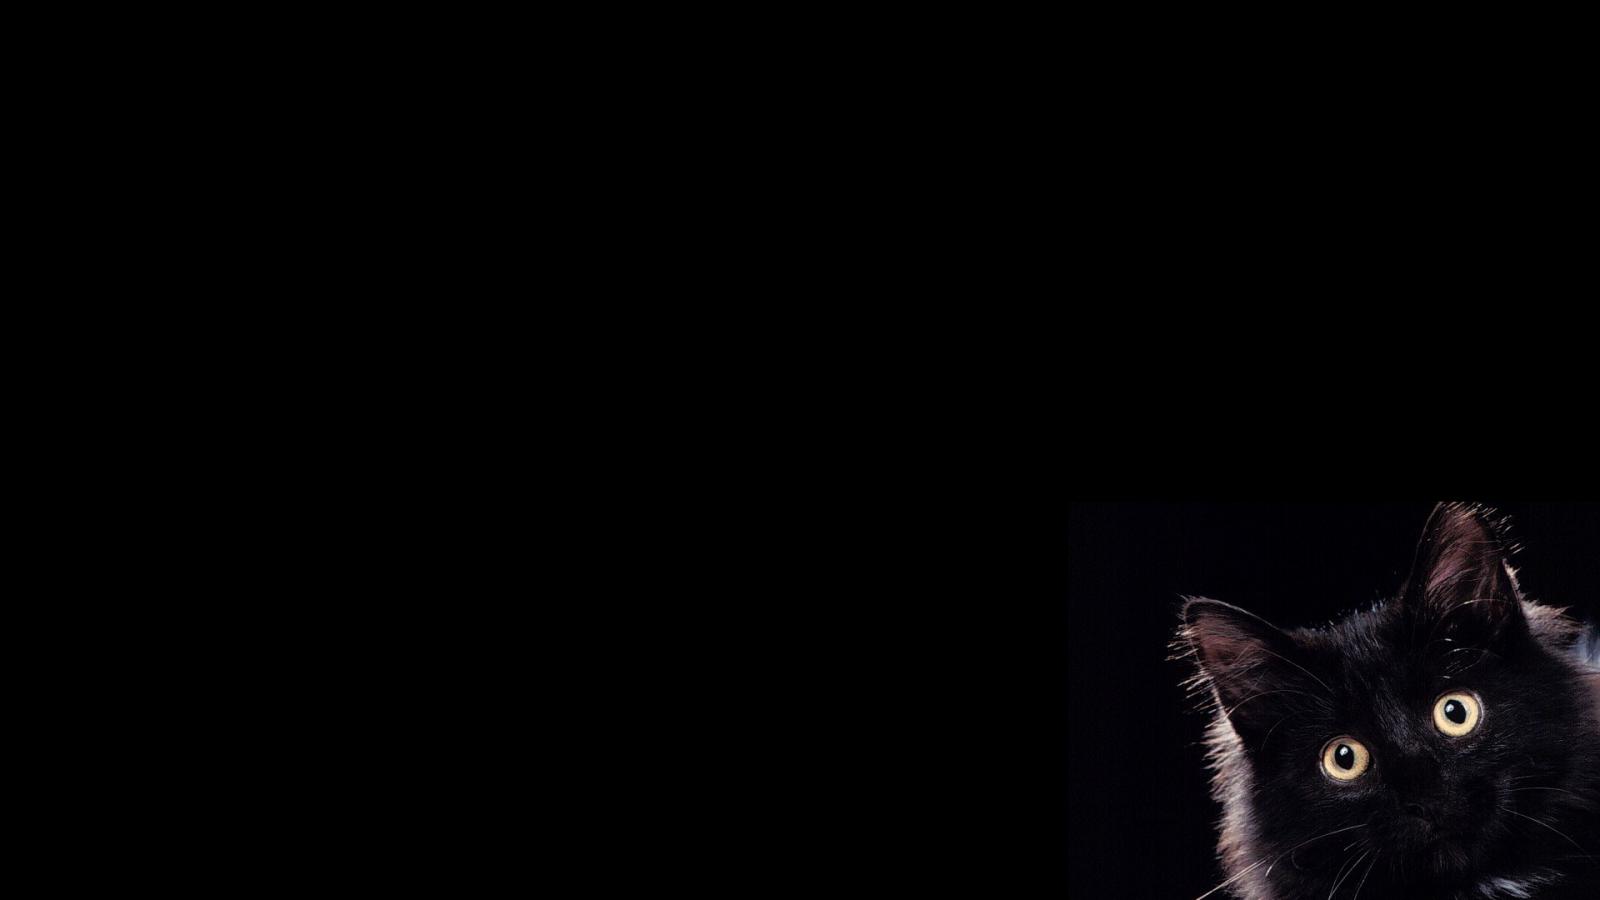 обои на рабочий стол черные кошки на черном фоне № 154912 загрузить